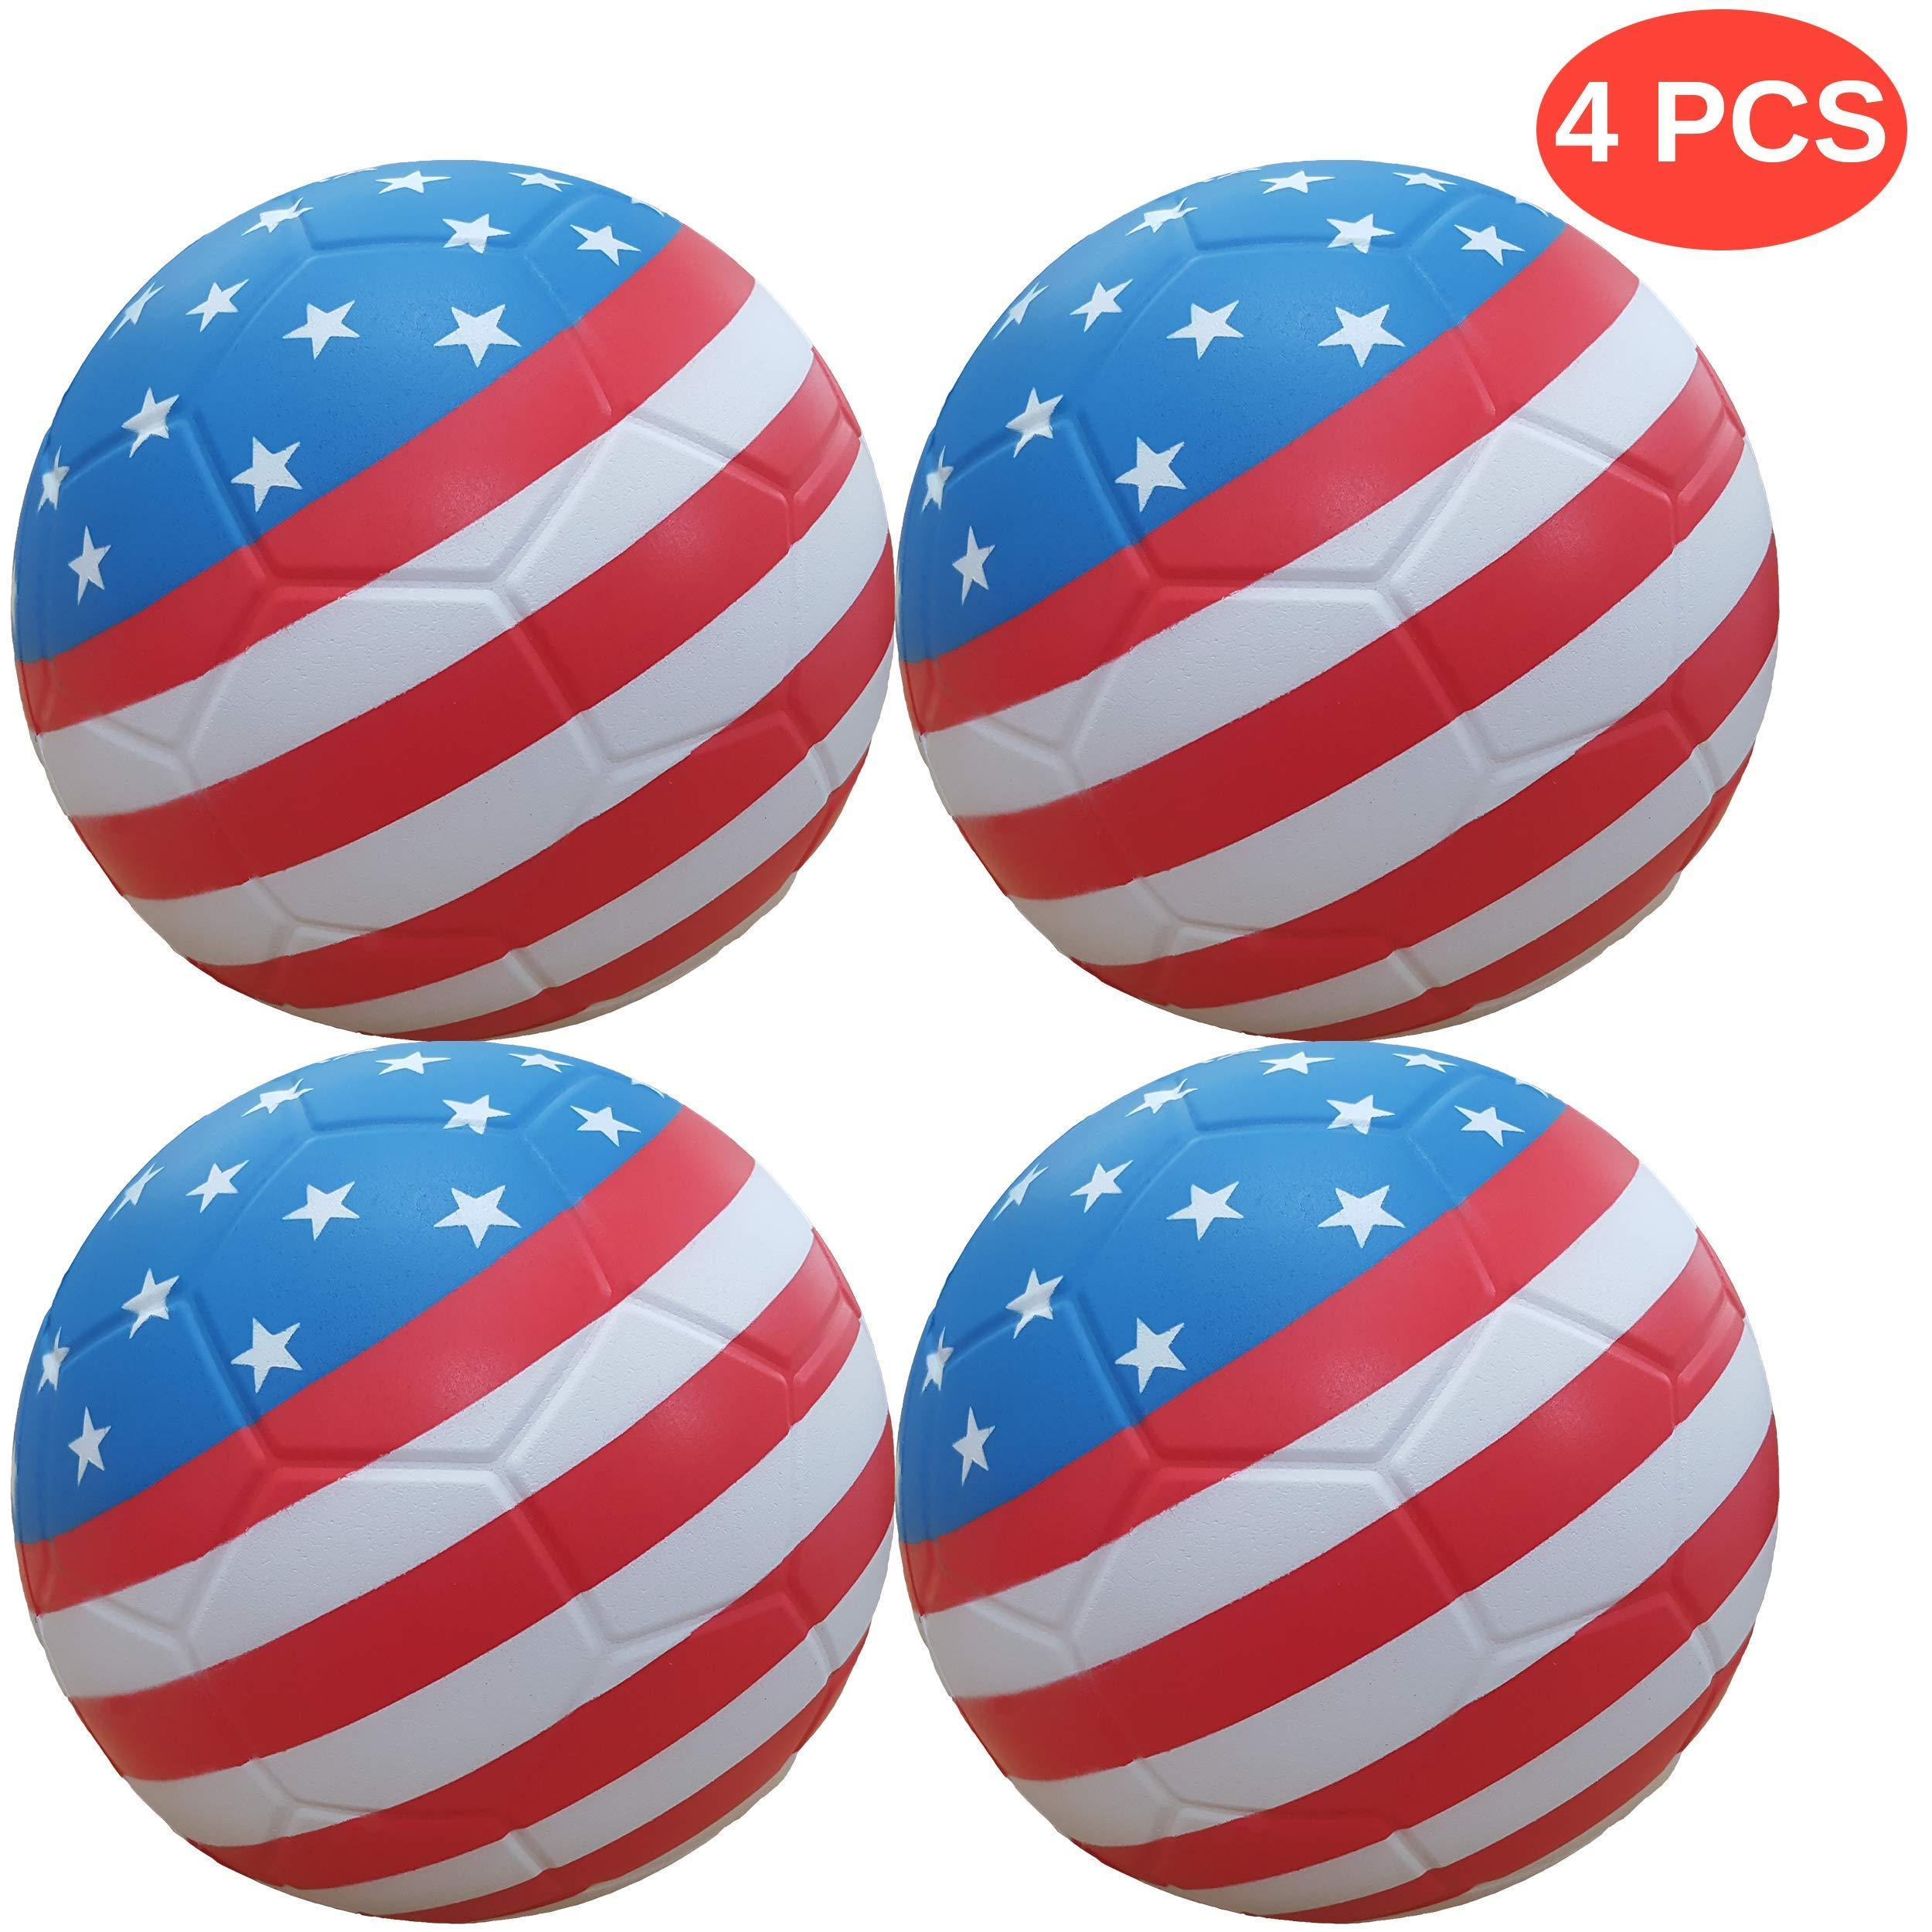 Macro Giant 6 inch (Diameter) Safe Soft Foam Flag Soccer Balls, Set of 4, USA National Flag, Beginner, Training Practice, Kickball, Kids Toys, Room Decor by MG MACRO GIANT